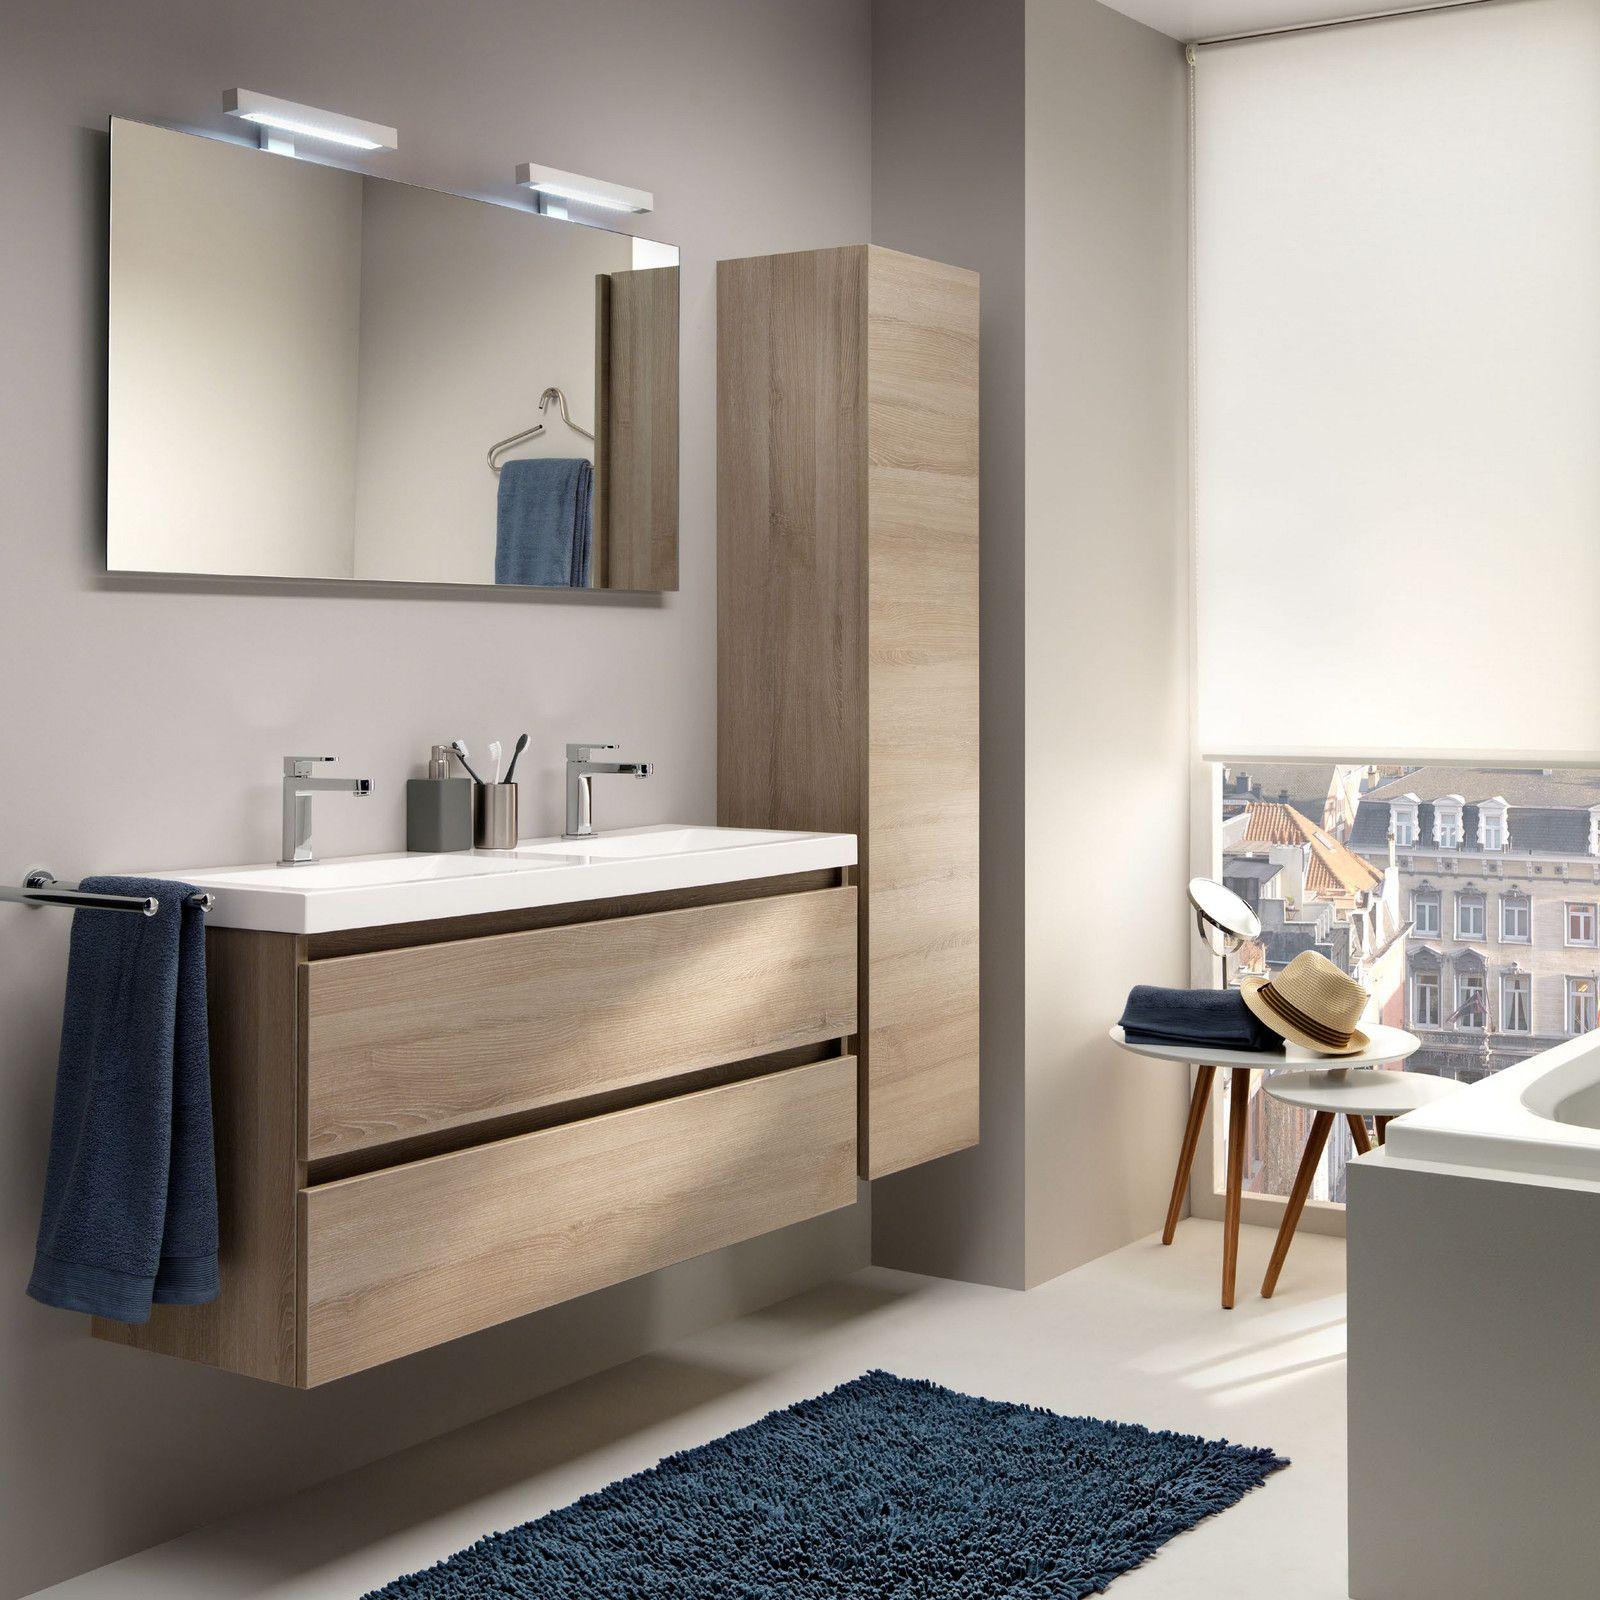 Desco - Newform meubelen - Pagina 16-17   Renovatie   Pinterest